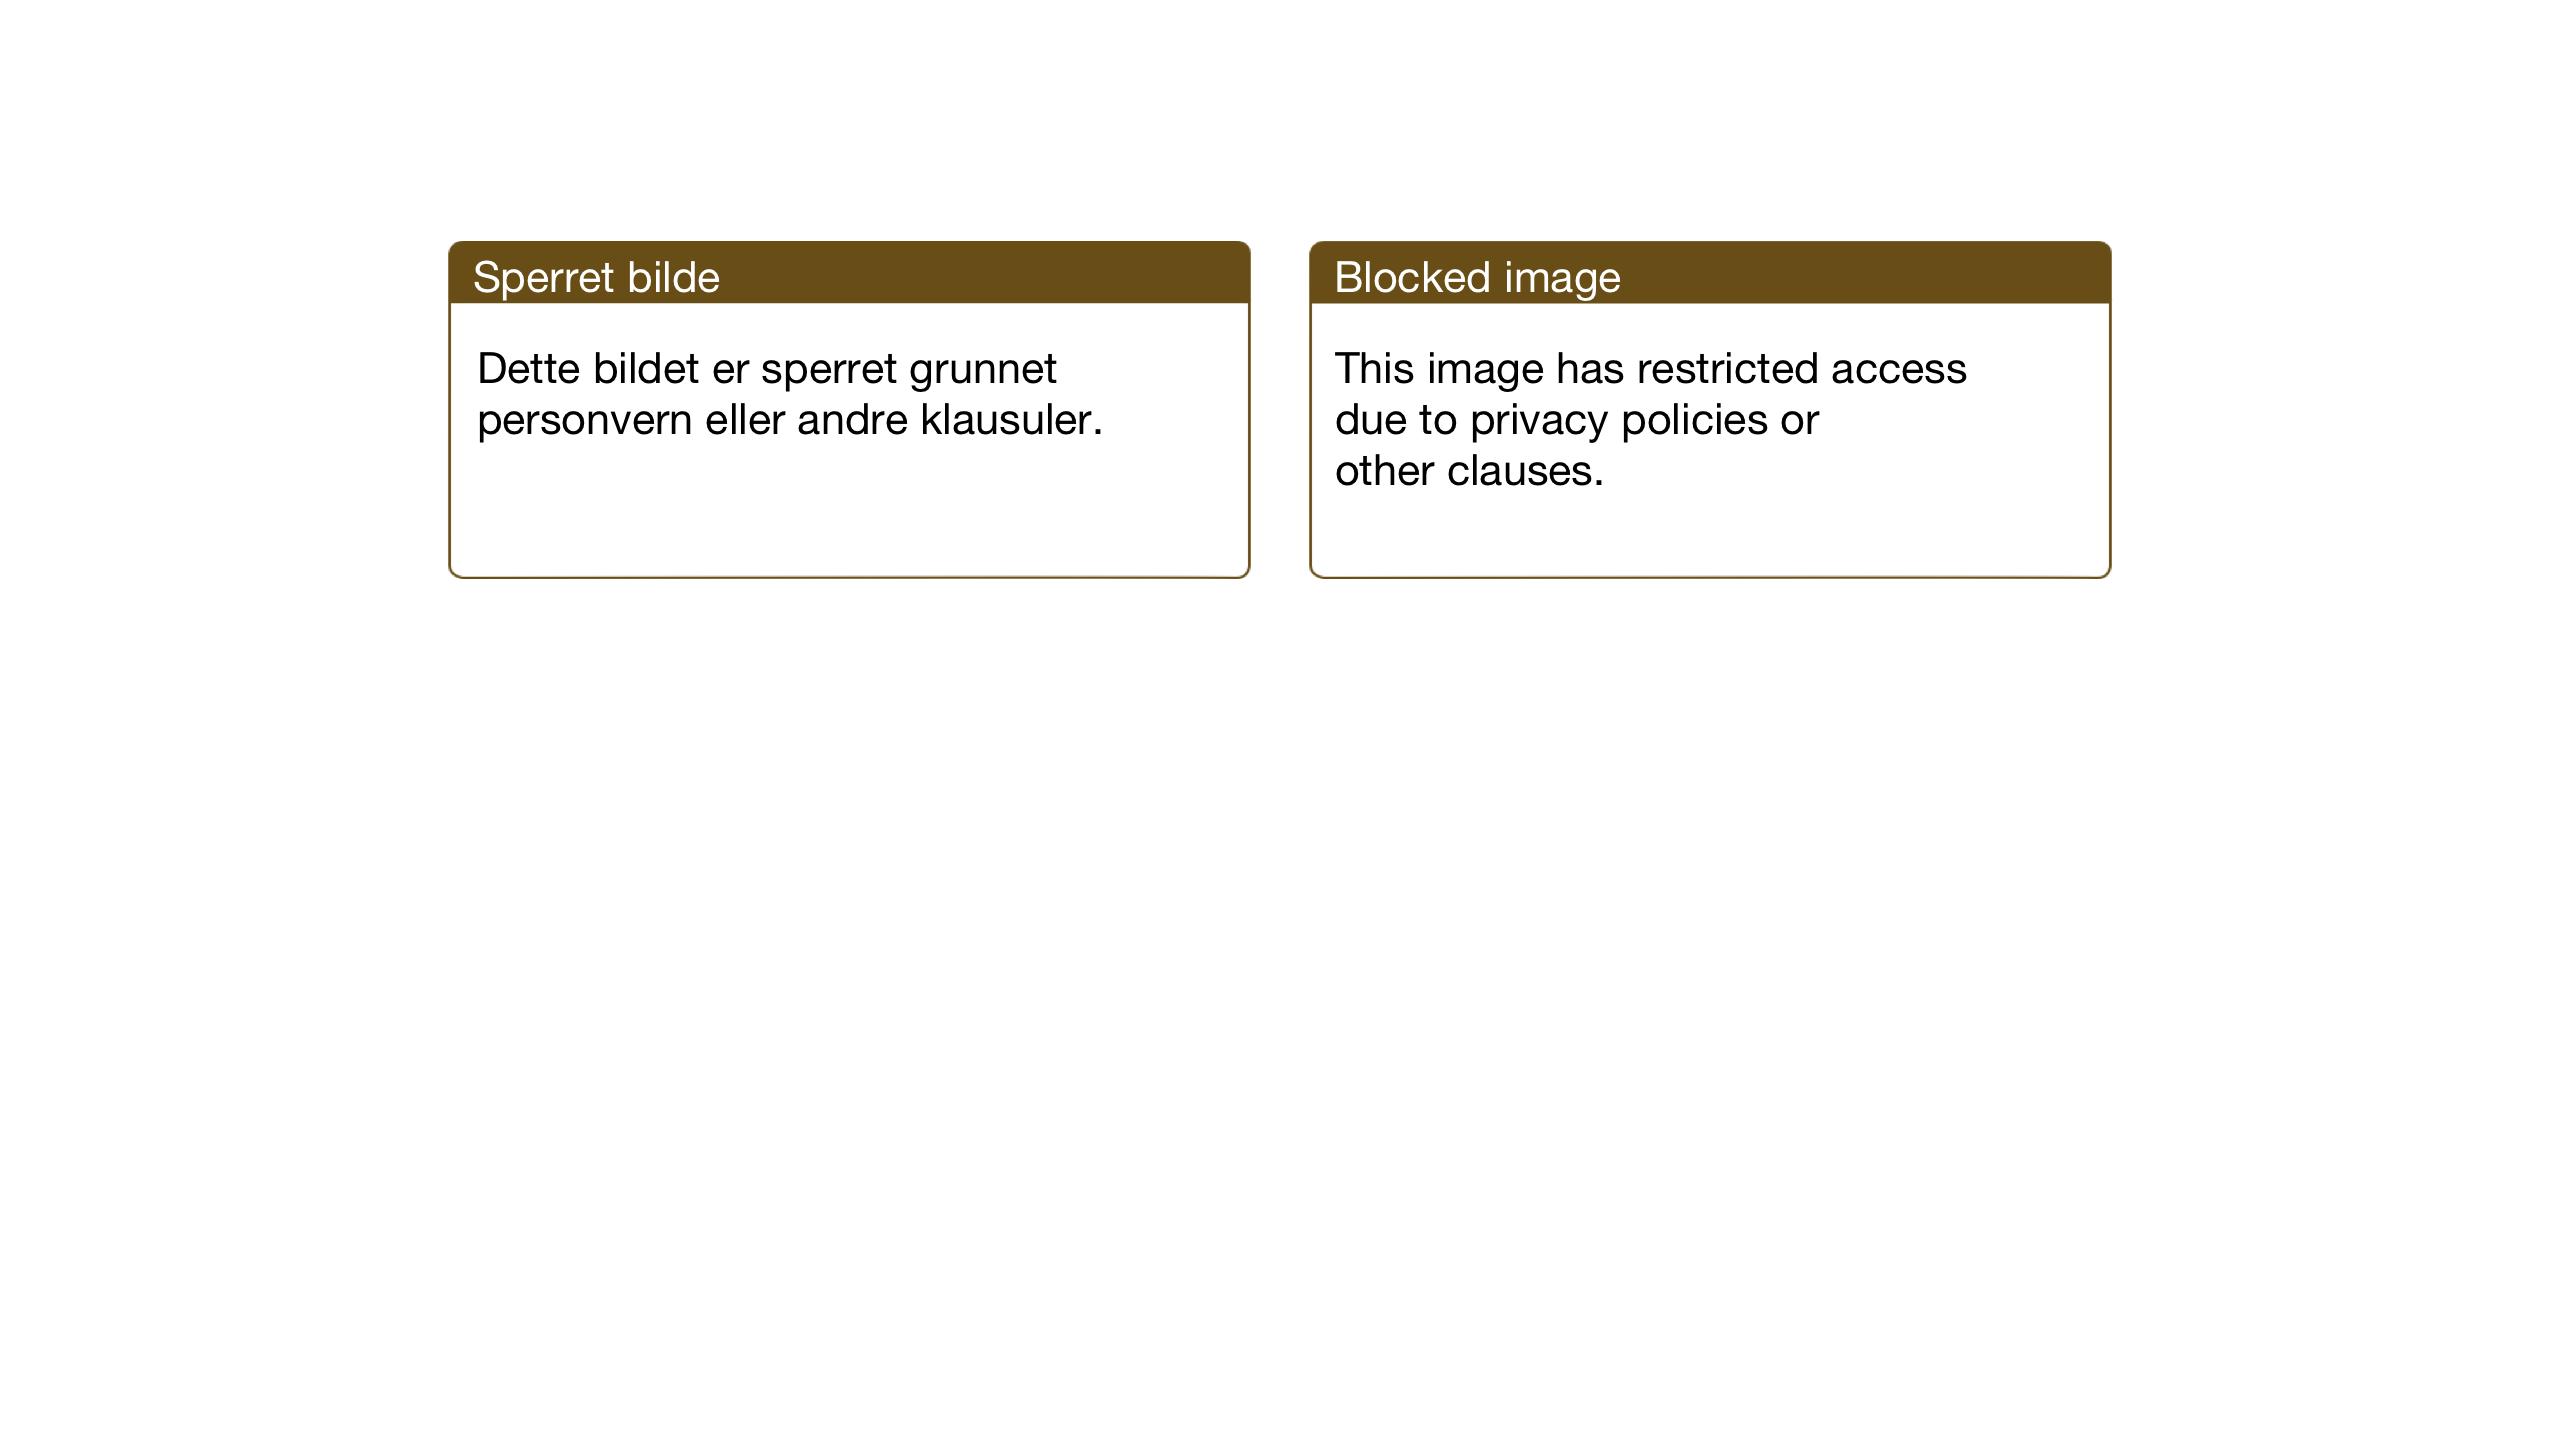 SAT, Ministerialprotokoller, klokkerbøker og fødselsregistre - Sør-Trøndelag, 658/L0727: Klokkerbok nr. 658C03, 1909-1935, s. 76